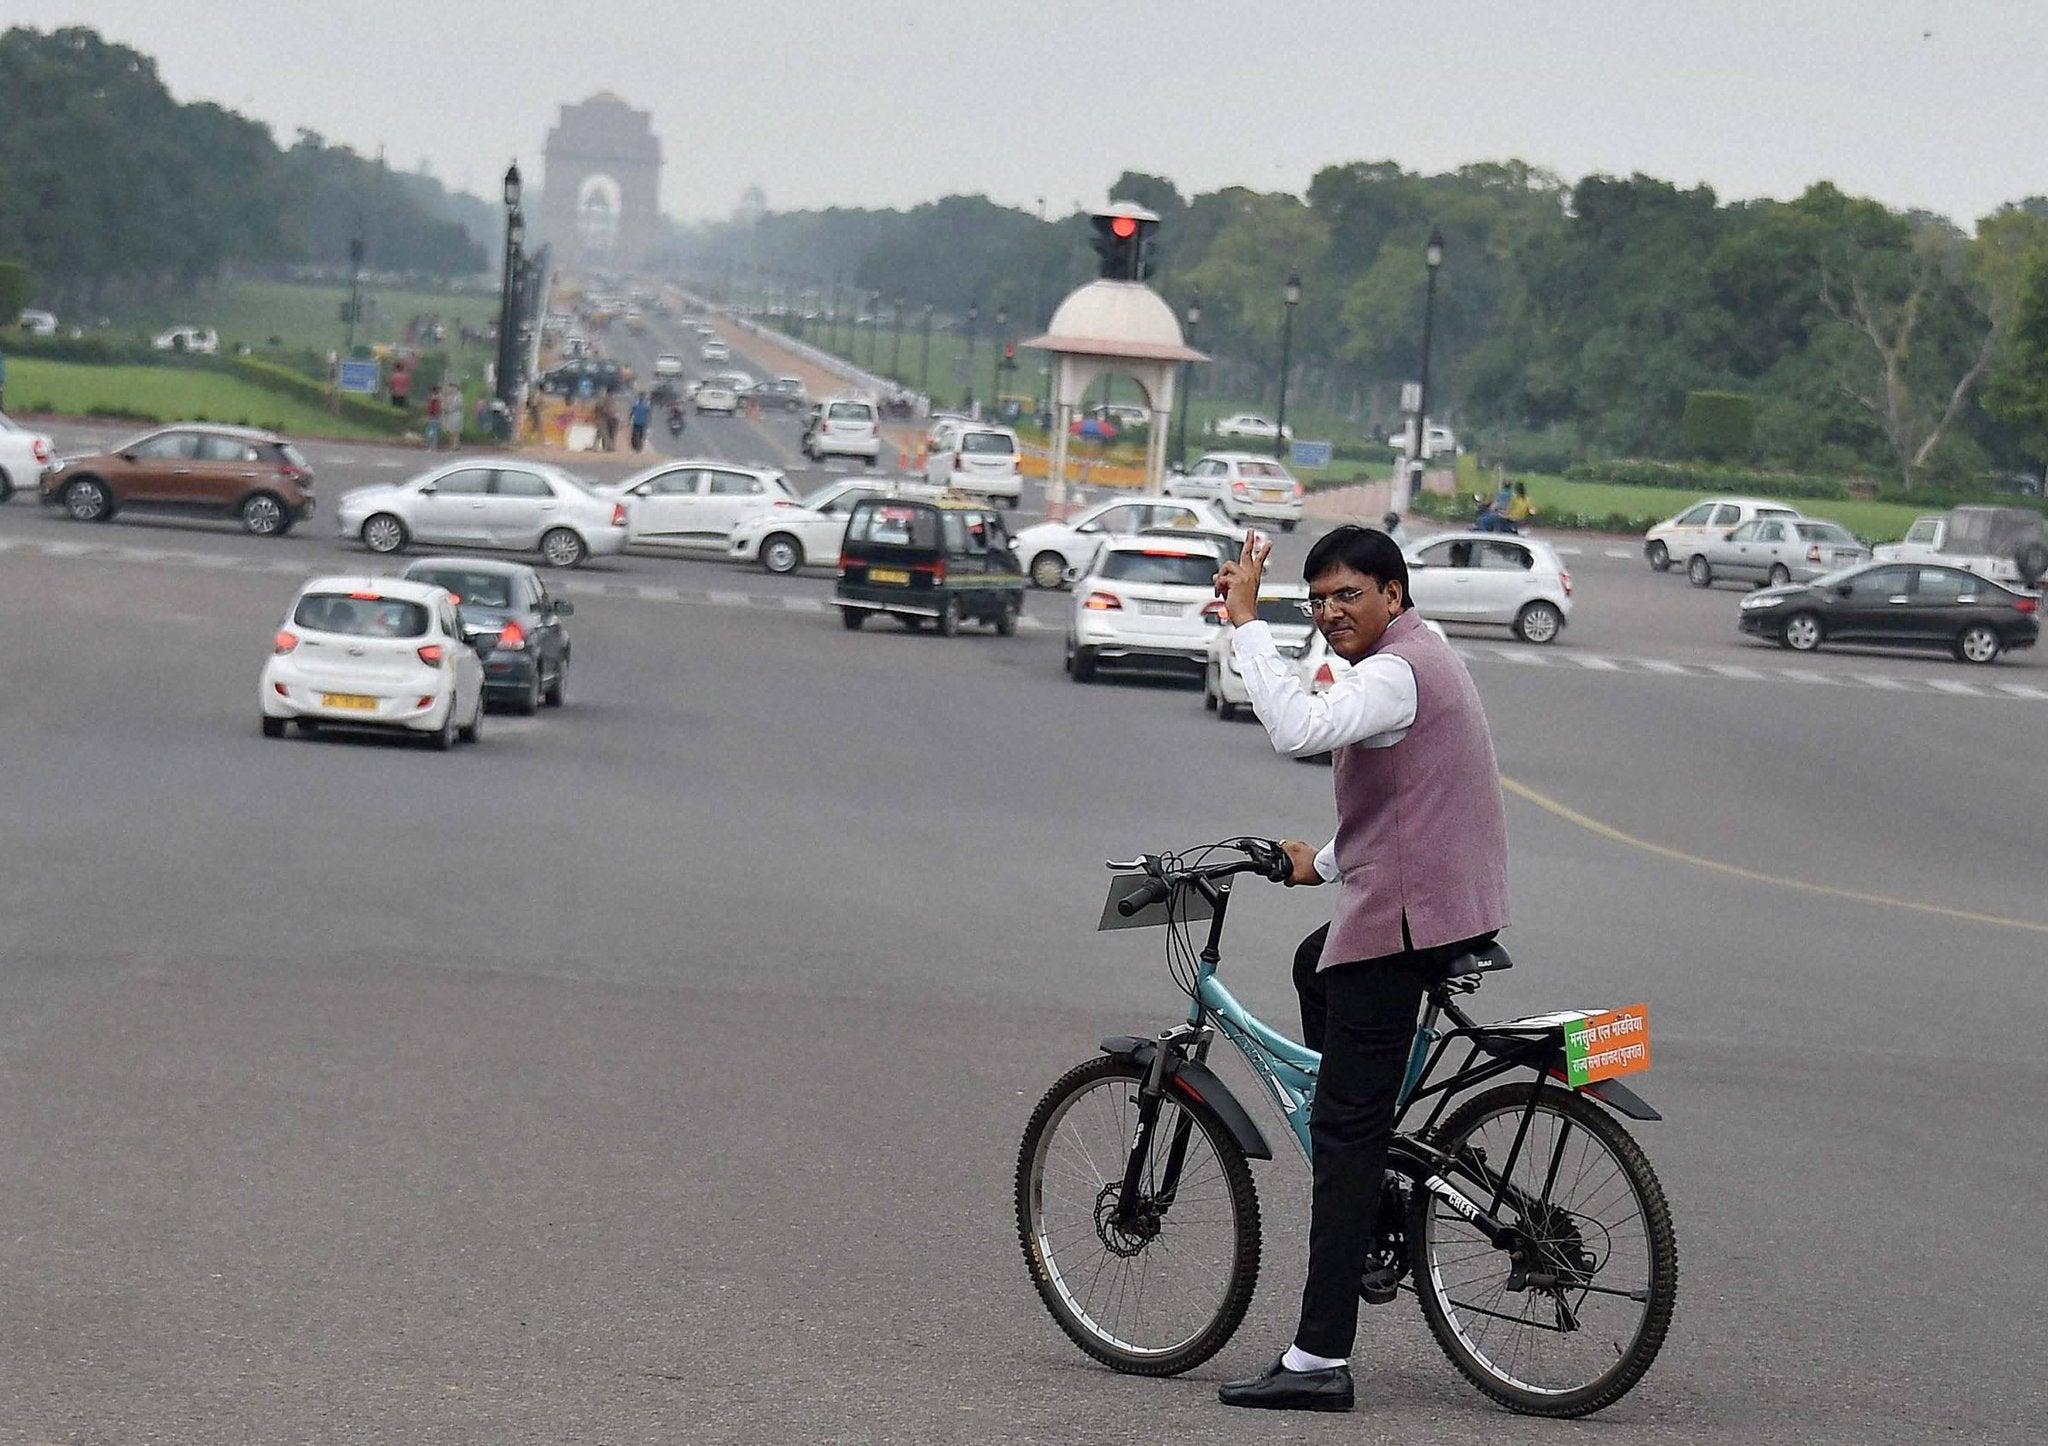 cyclingisgoodforhealth:mansukhmandaviya